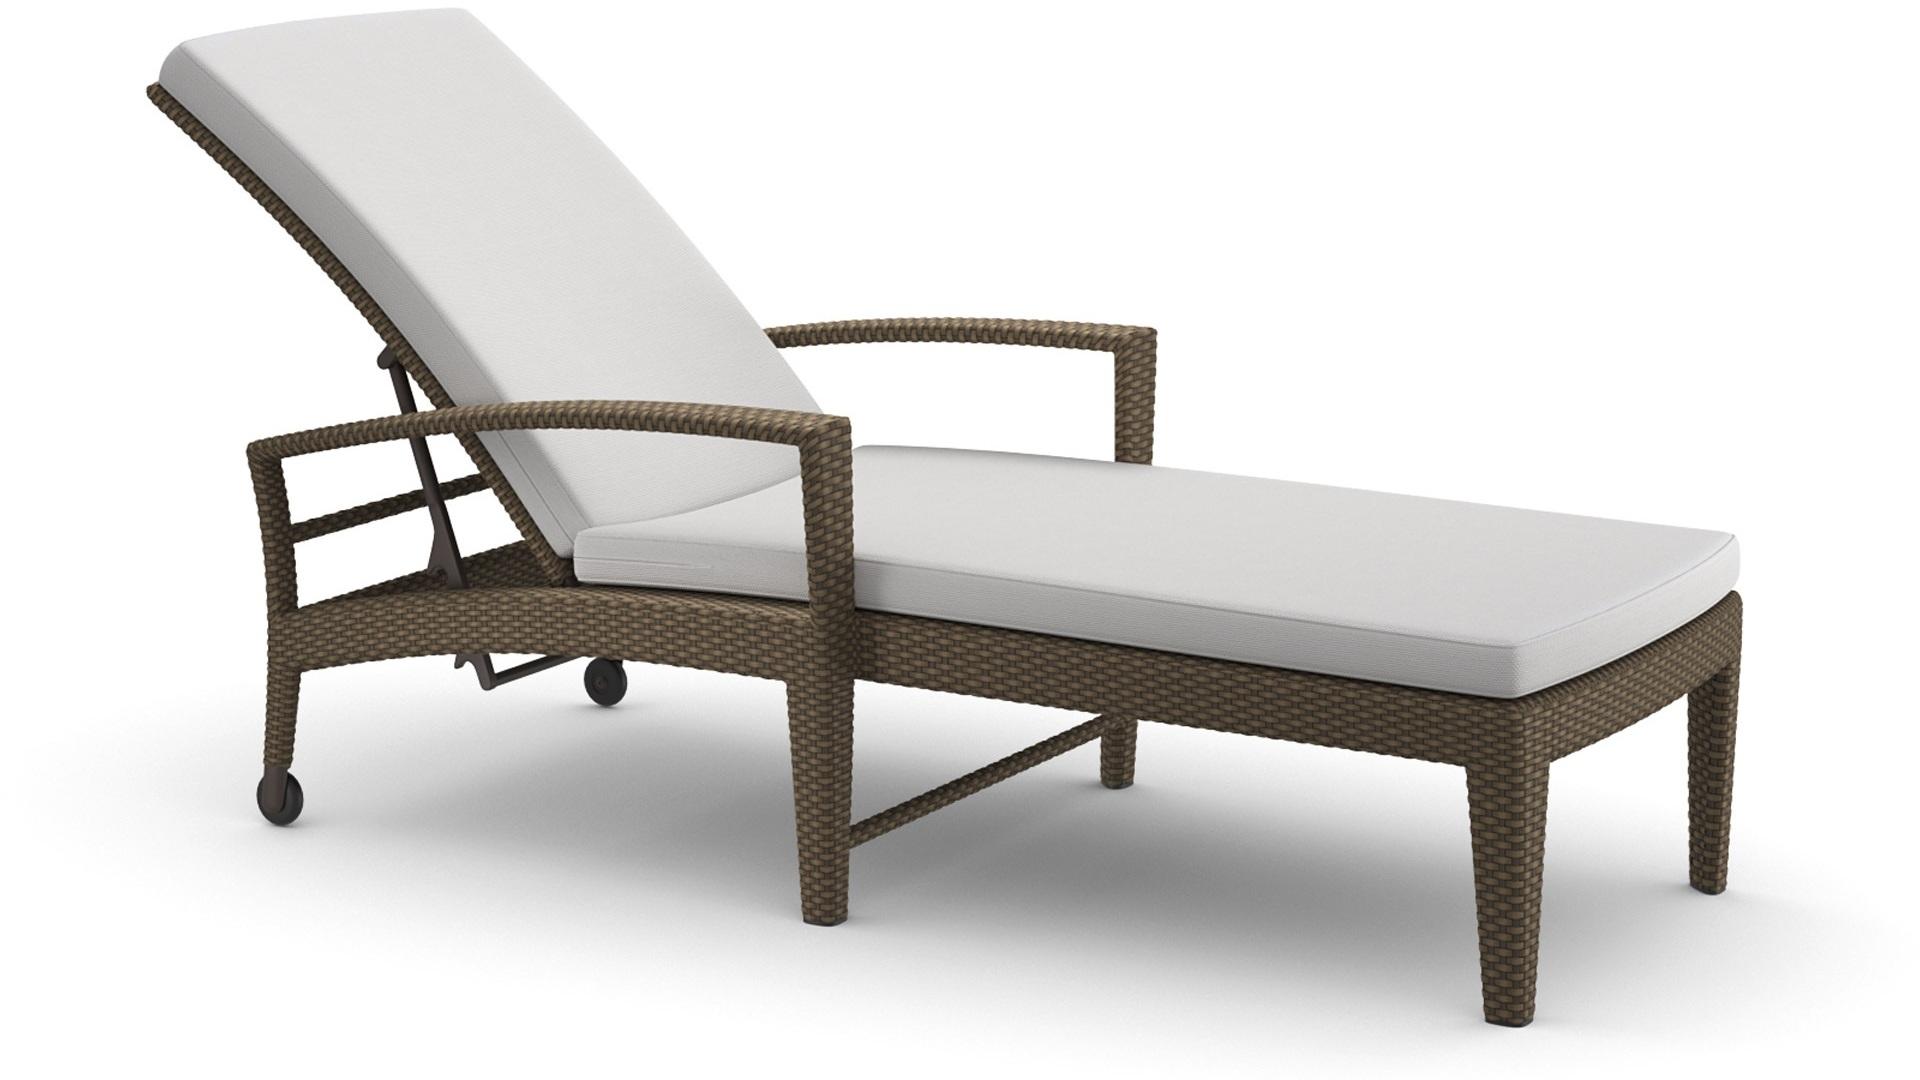 Panama beach chair.jpg